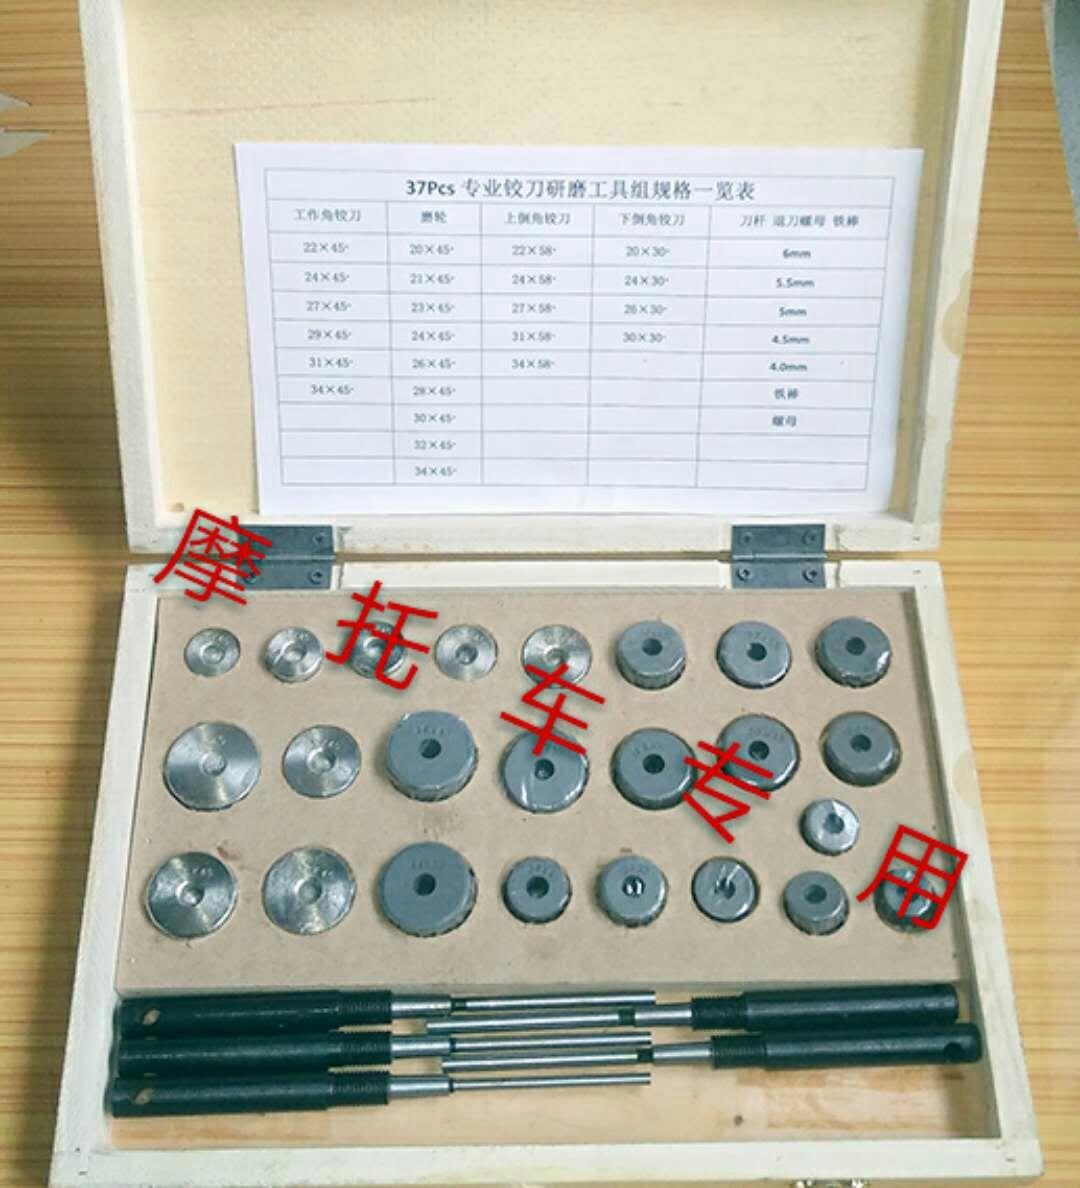 北京镗缸磨轴专用可调绞刀磨轮厂家,北京哪里生产供应优质气门电动研磨机价格